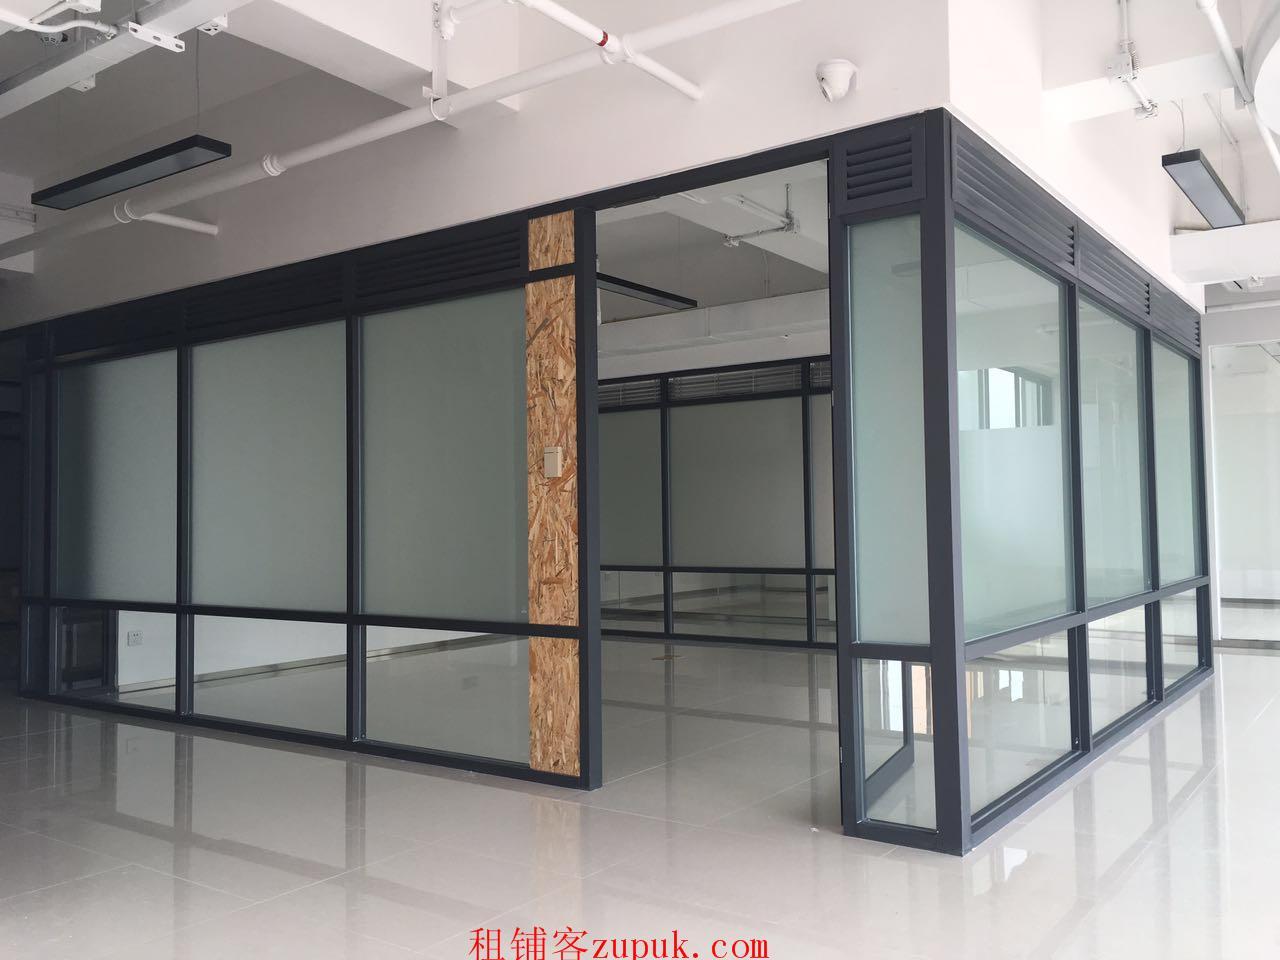 番禺地铁口旁微办公楼出租,新装修、有空调